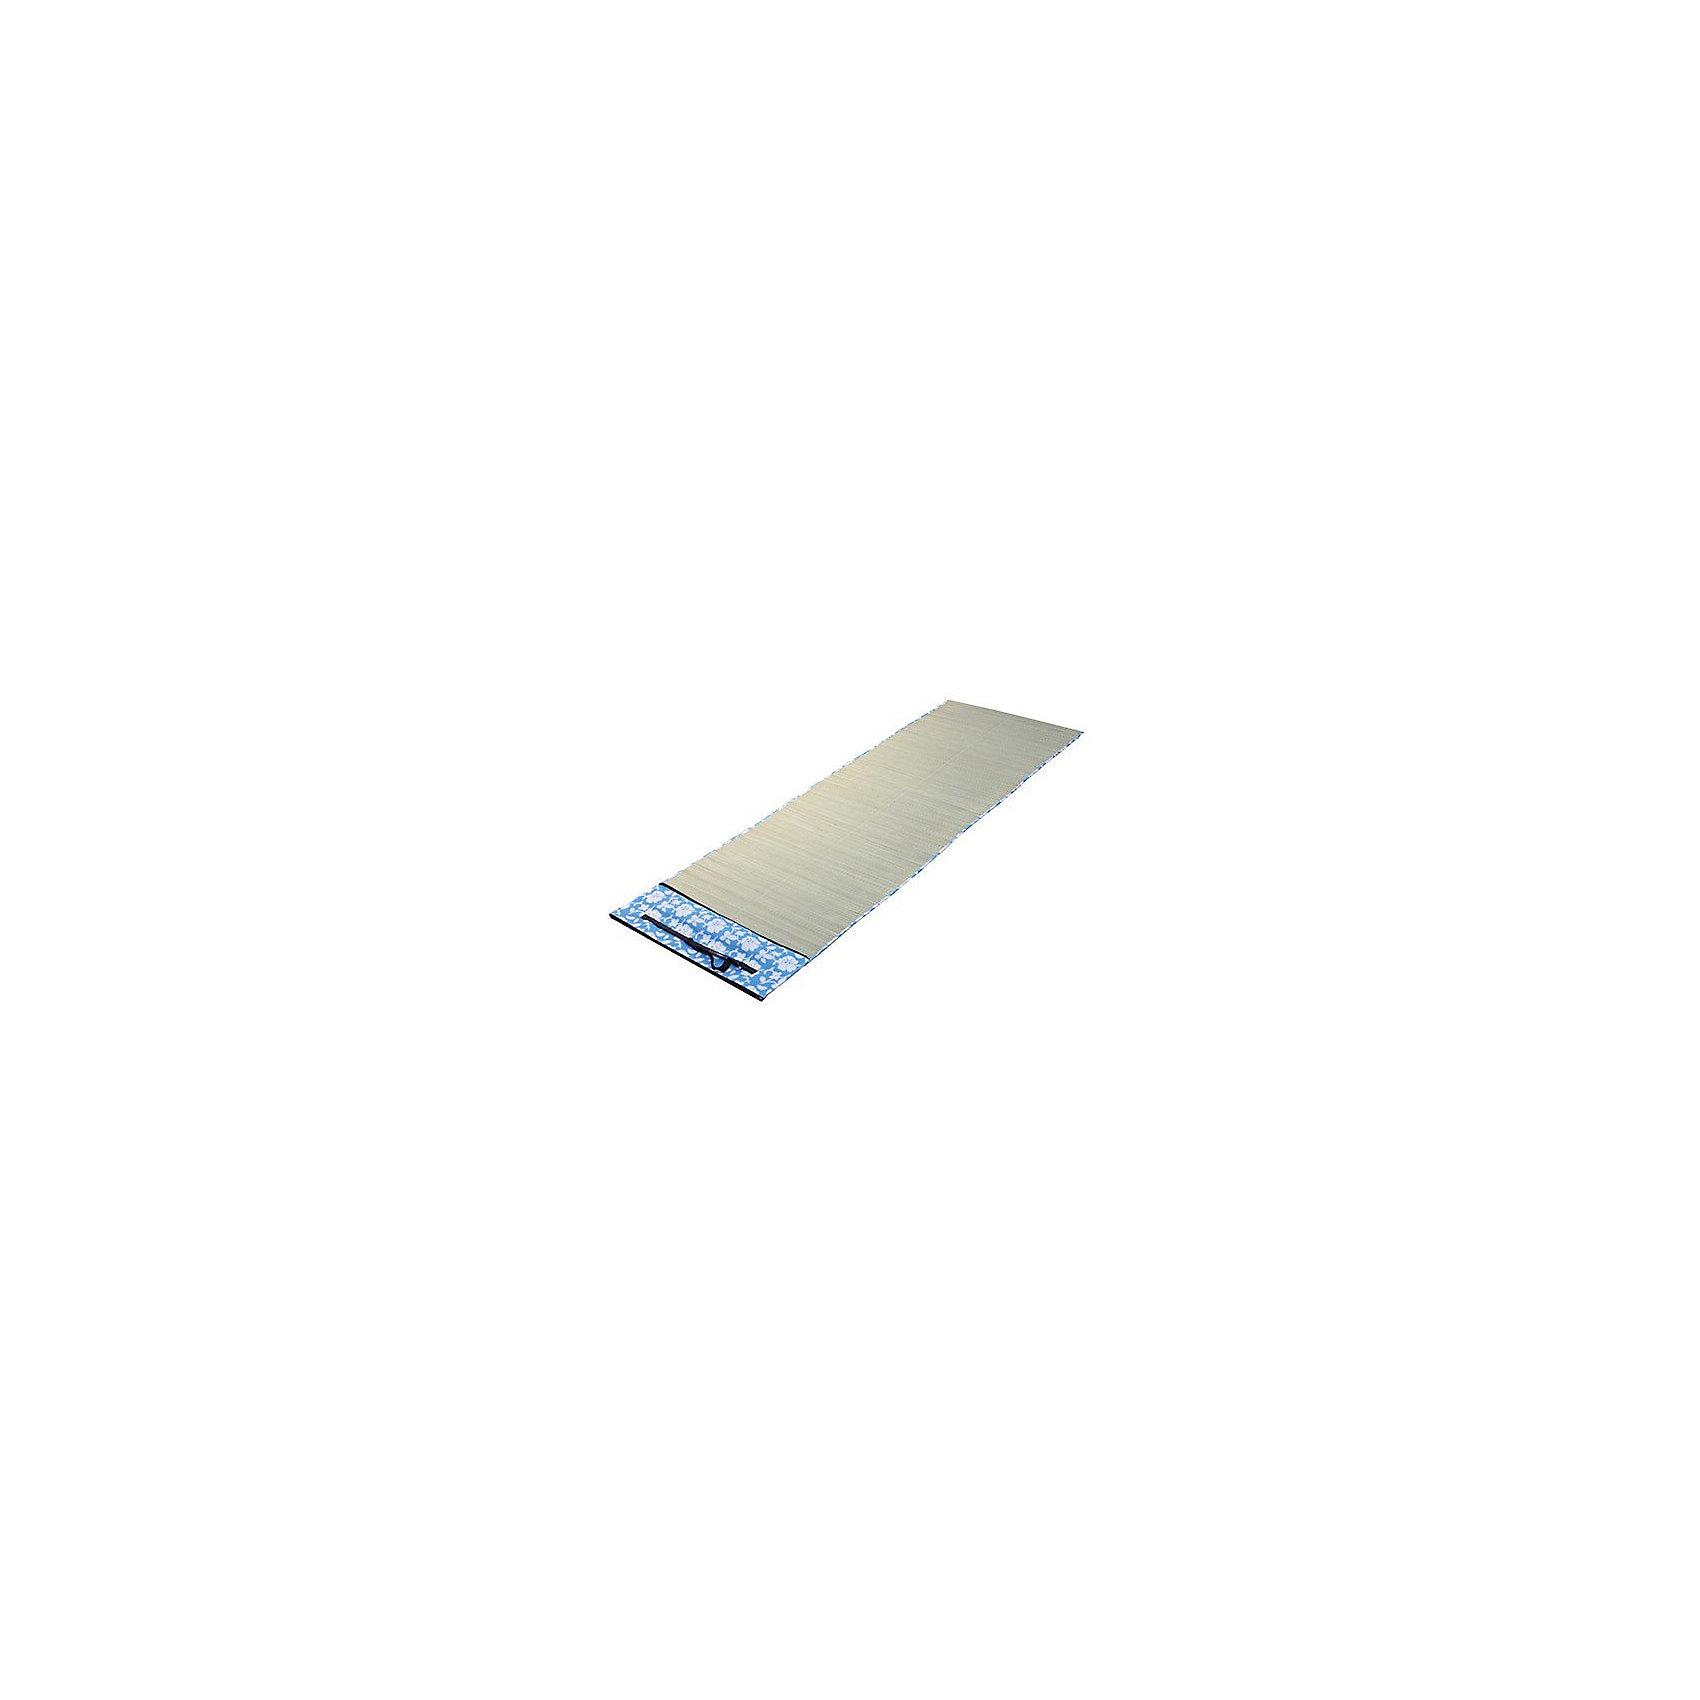 Коврик пляжный соломенный 180*60 смСпортивные коврики<br>Характеристики товара:<br><br>• тип: пляжный<br>• размер: 180х60см<br>• материал: солома, текстиль<br>• вес: 230гр<br>• 4 варианта расцветок в ассортименте<br>• страна-производитель: Китай <br>• упаковка: пакет<br><br>Практичный, компактный и очень легкий складной коврик станет незаменимым аксессуаром для любителей позагорать, дачников, автомобилистов и сторонников активного образа жизни.<br><br>Товар продается в ассортименте. Вид изделия при комплектации заказа зависит от товарного ассортимента на складе.<br><br>Коврик пляжный соломенный 180х60 см можно купить в нашем интернет-магазине.<br><br>Ширина мм: 60<br>Глубина мм: 610<br>Высота мм: 50<br>Вес г: 227<br>Возраст от месяцев: 36<br>Возраст до месяцев: 2147483647<br>Пол: Унисекс<br>Возраст: Детский<br>SKU: 5574448